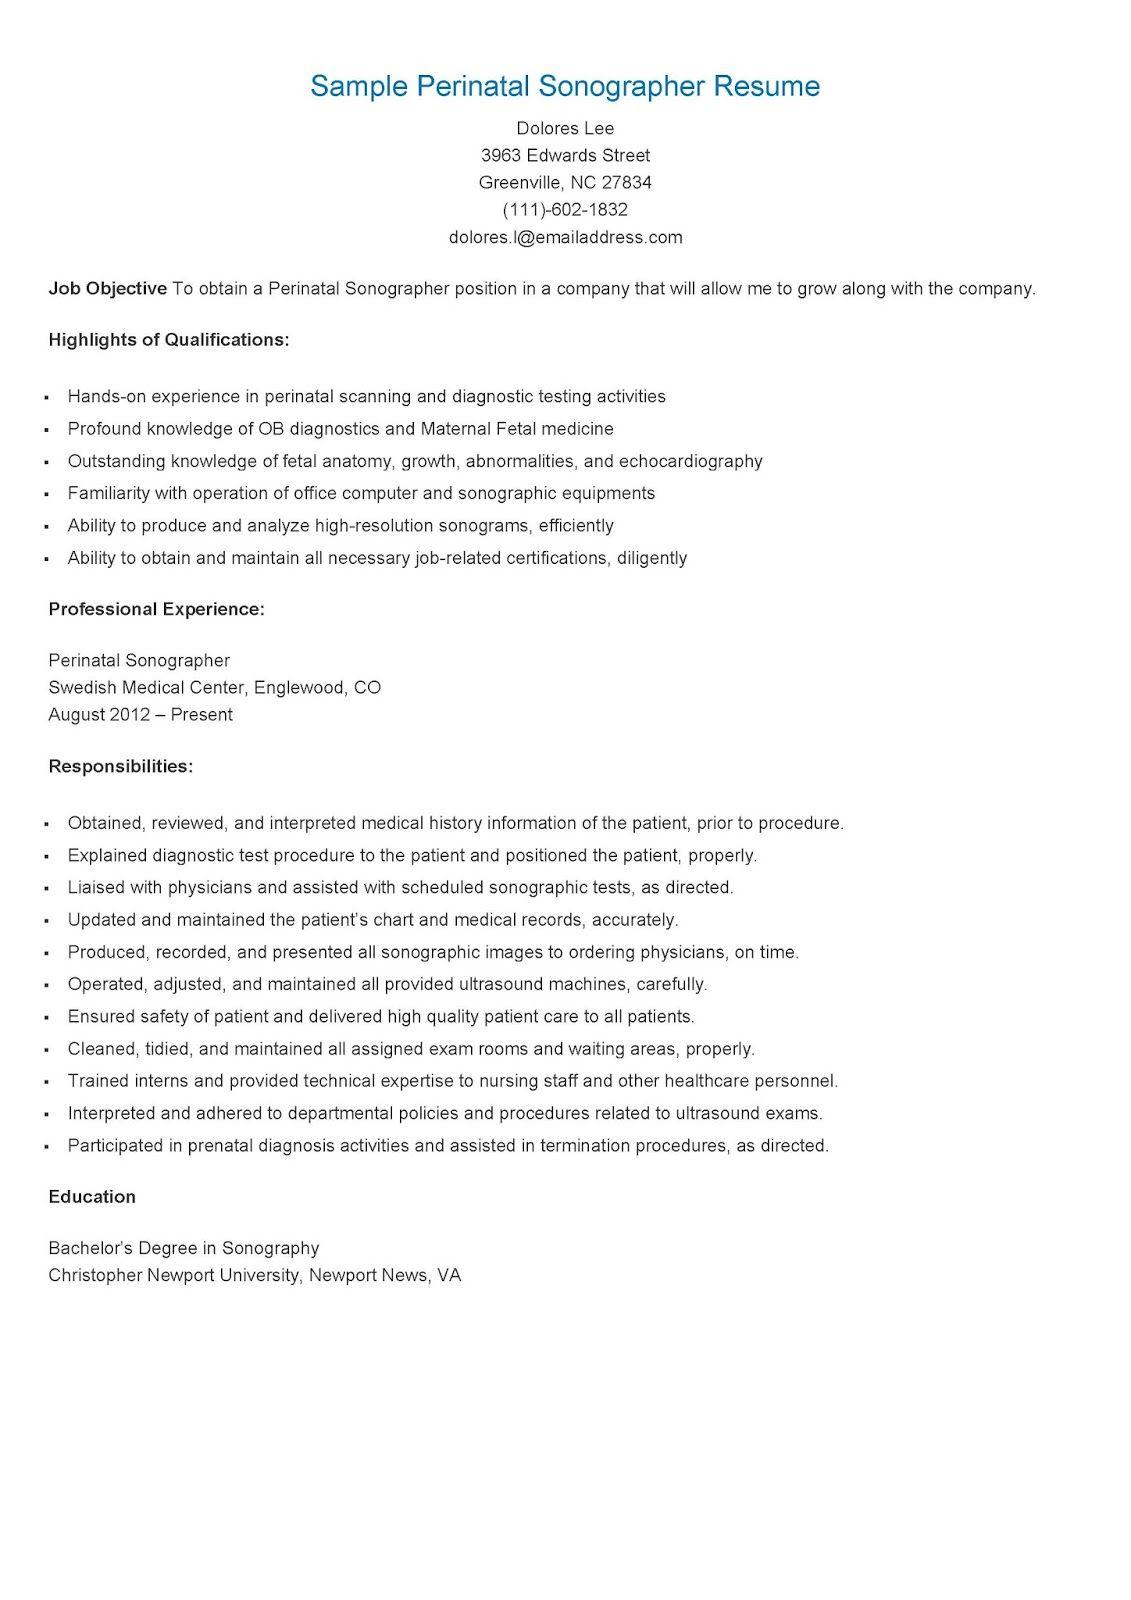 Real Estate Appraiser Resume Sample Perinatal Sonographer Resume  Horoscope 2016  Pinterest